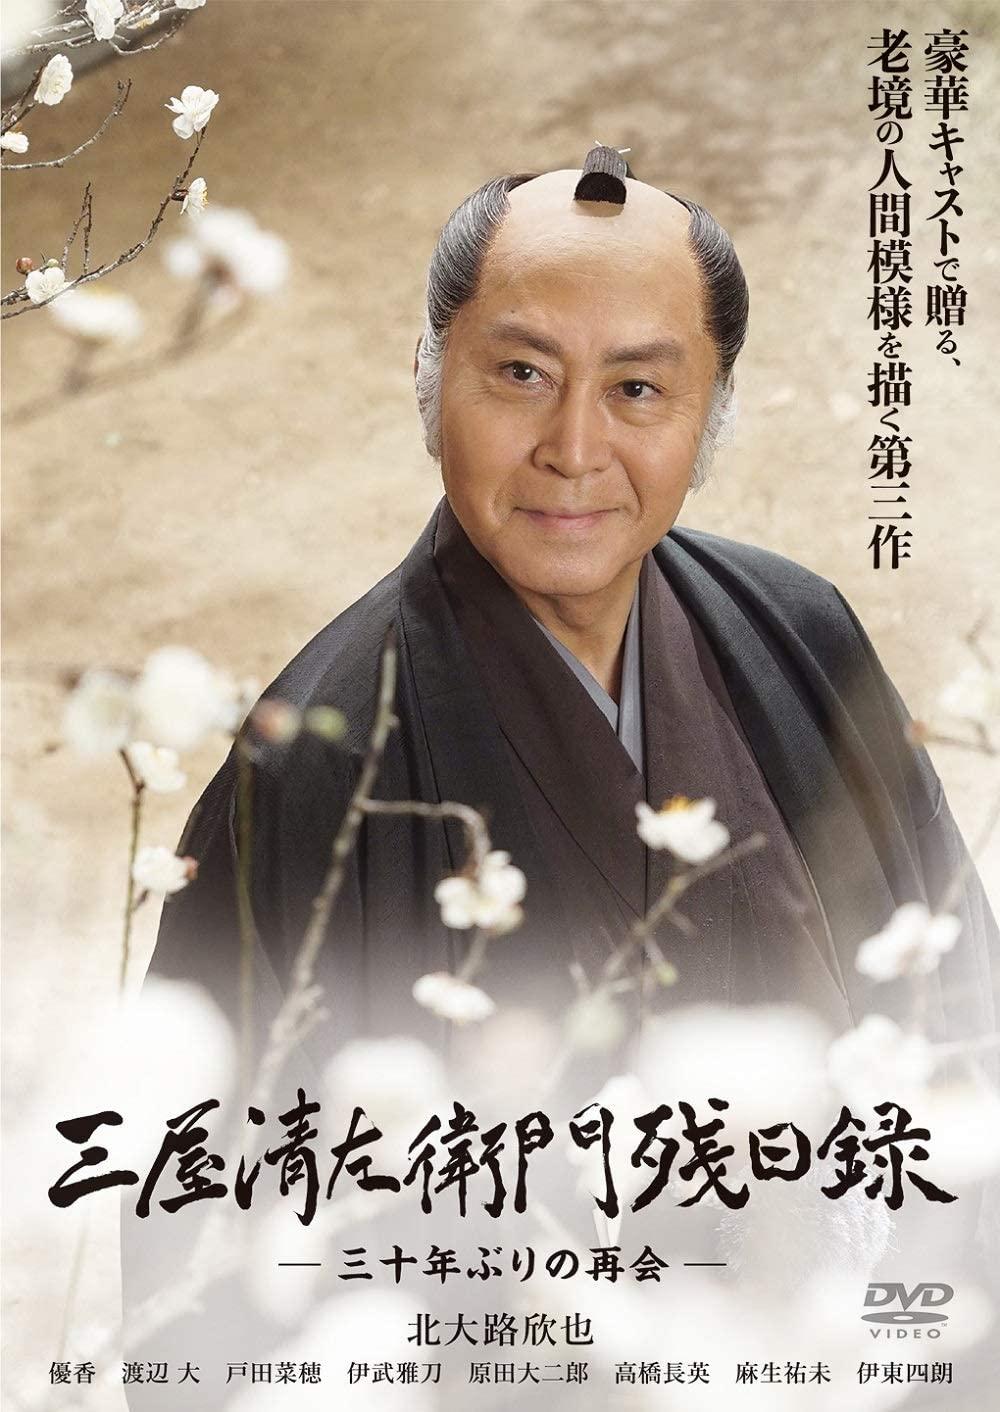 『三屋清左衛門残日録 -三十年ぶりの再会-』(ポニーキャニオン)